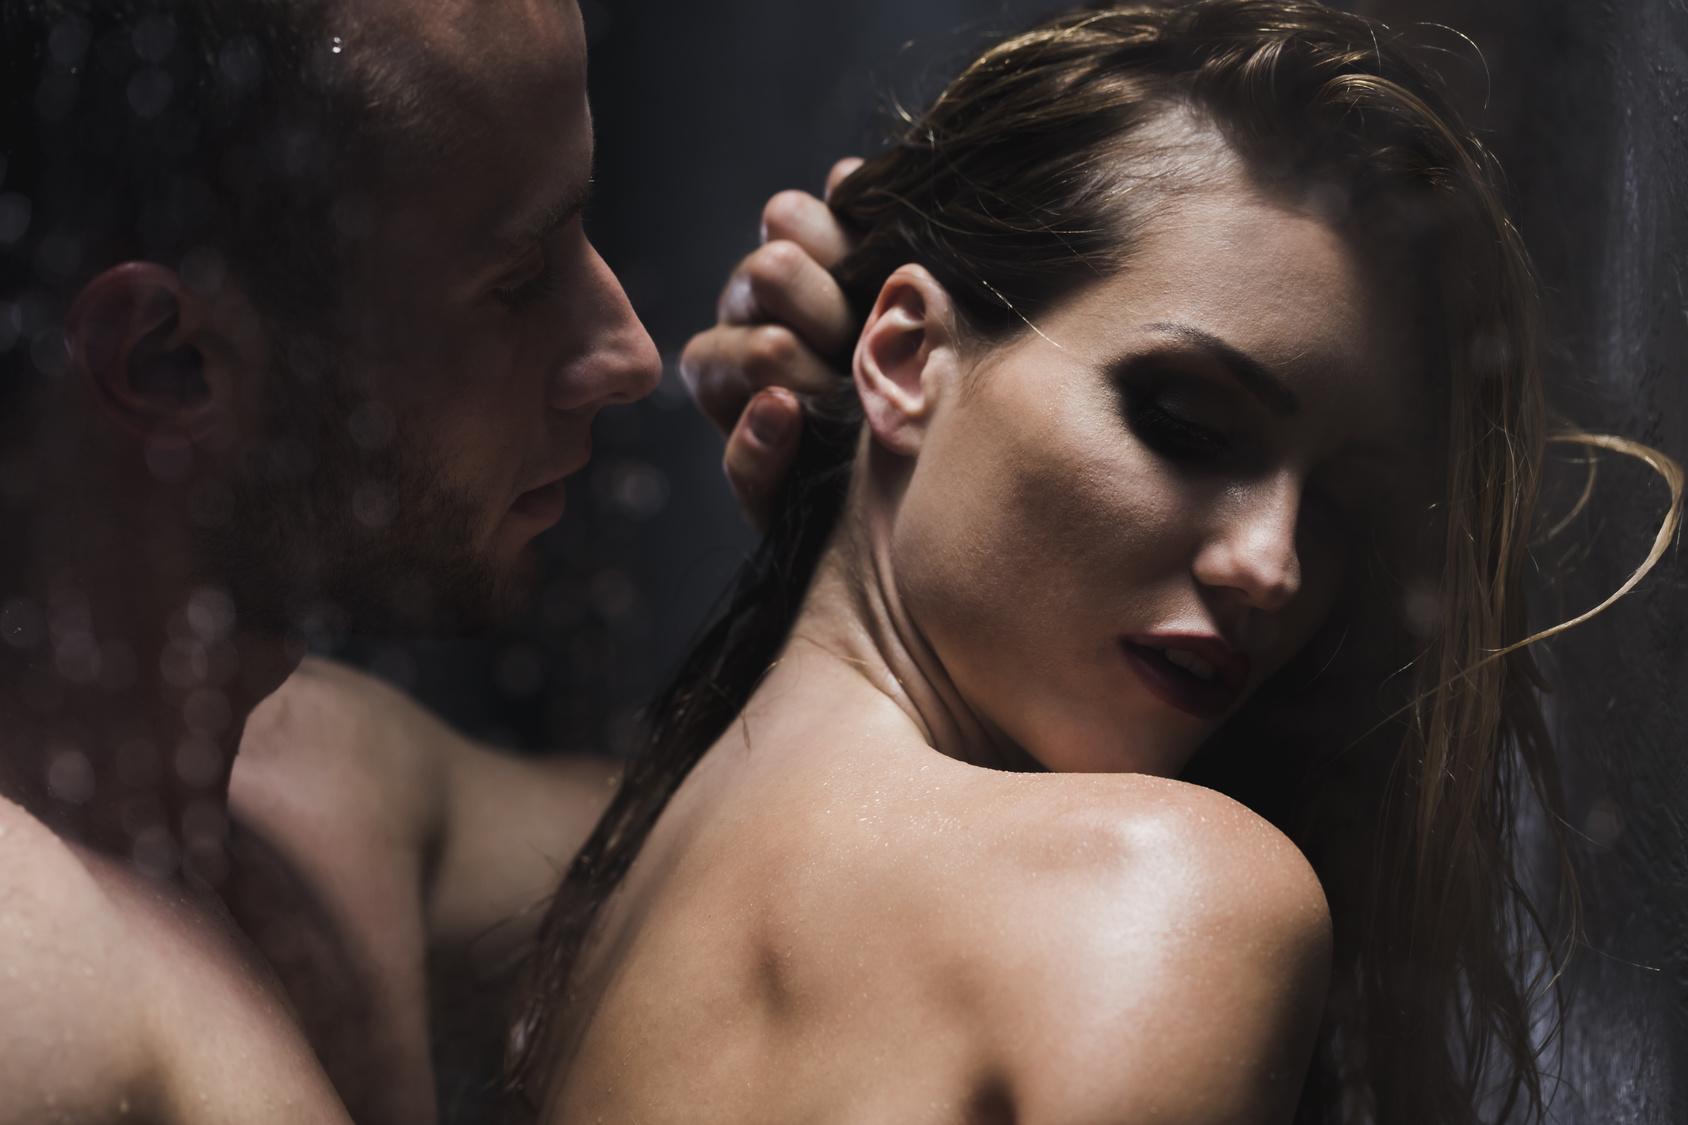 Österreich Arbeitslose sollen als Pornodarsteller arbeiten